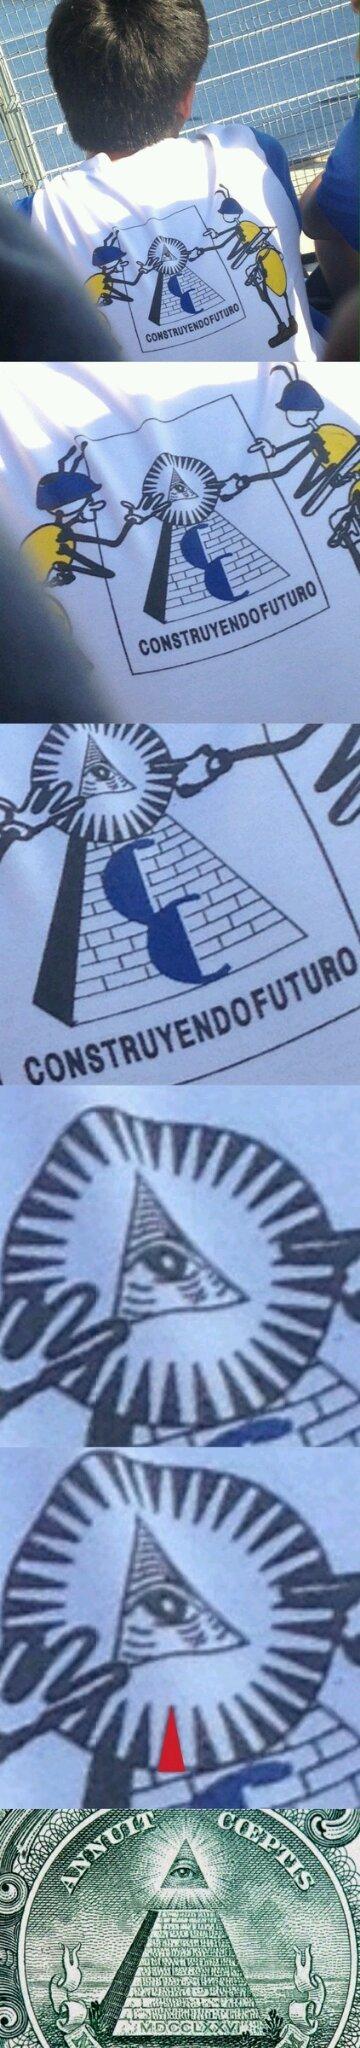 Iluminati. - meme